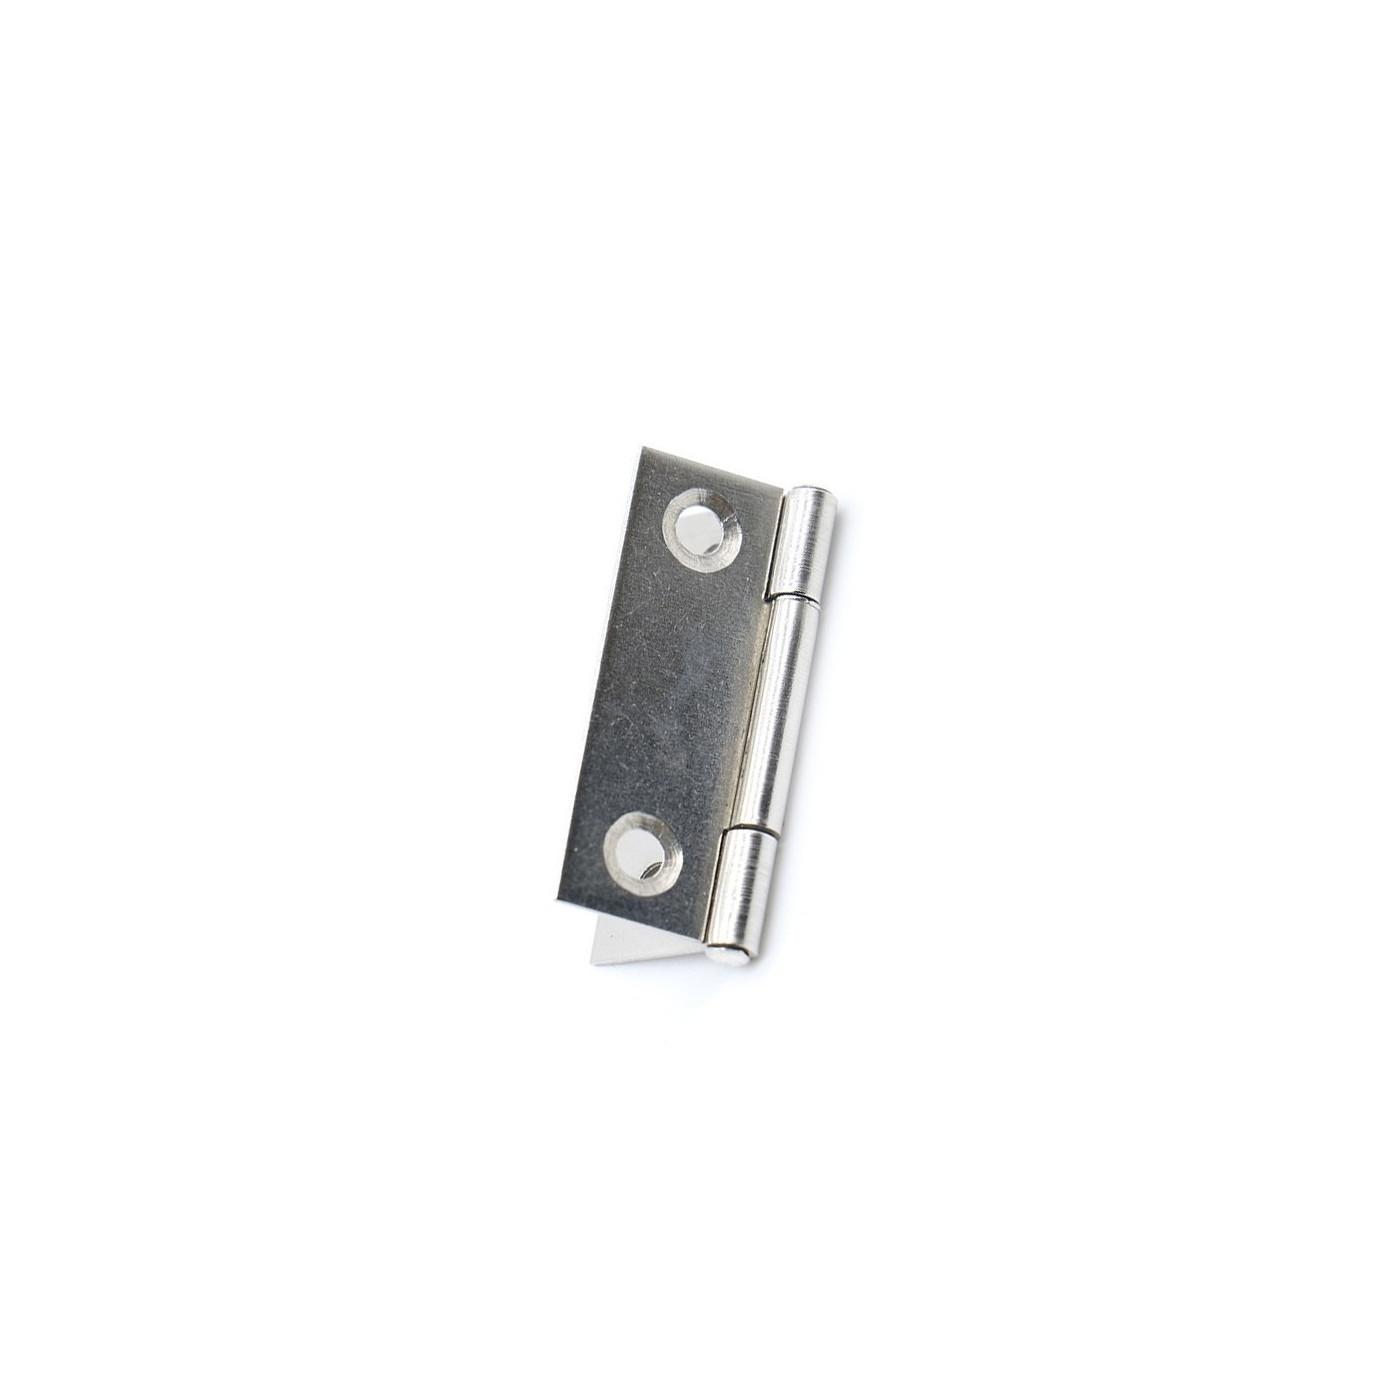 Conjunto de 20 dobradiças pequenas, cor prata (27x38 mm)  - 1